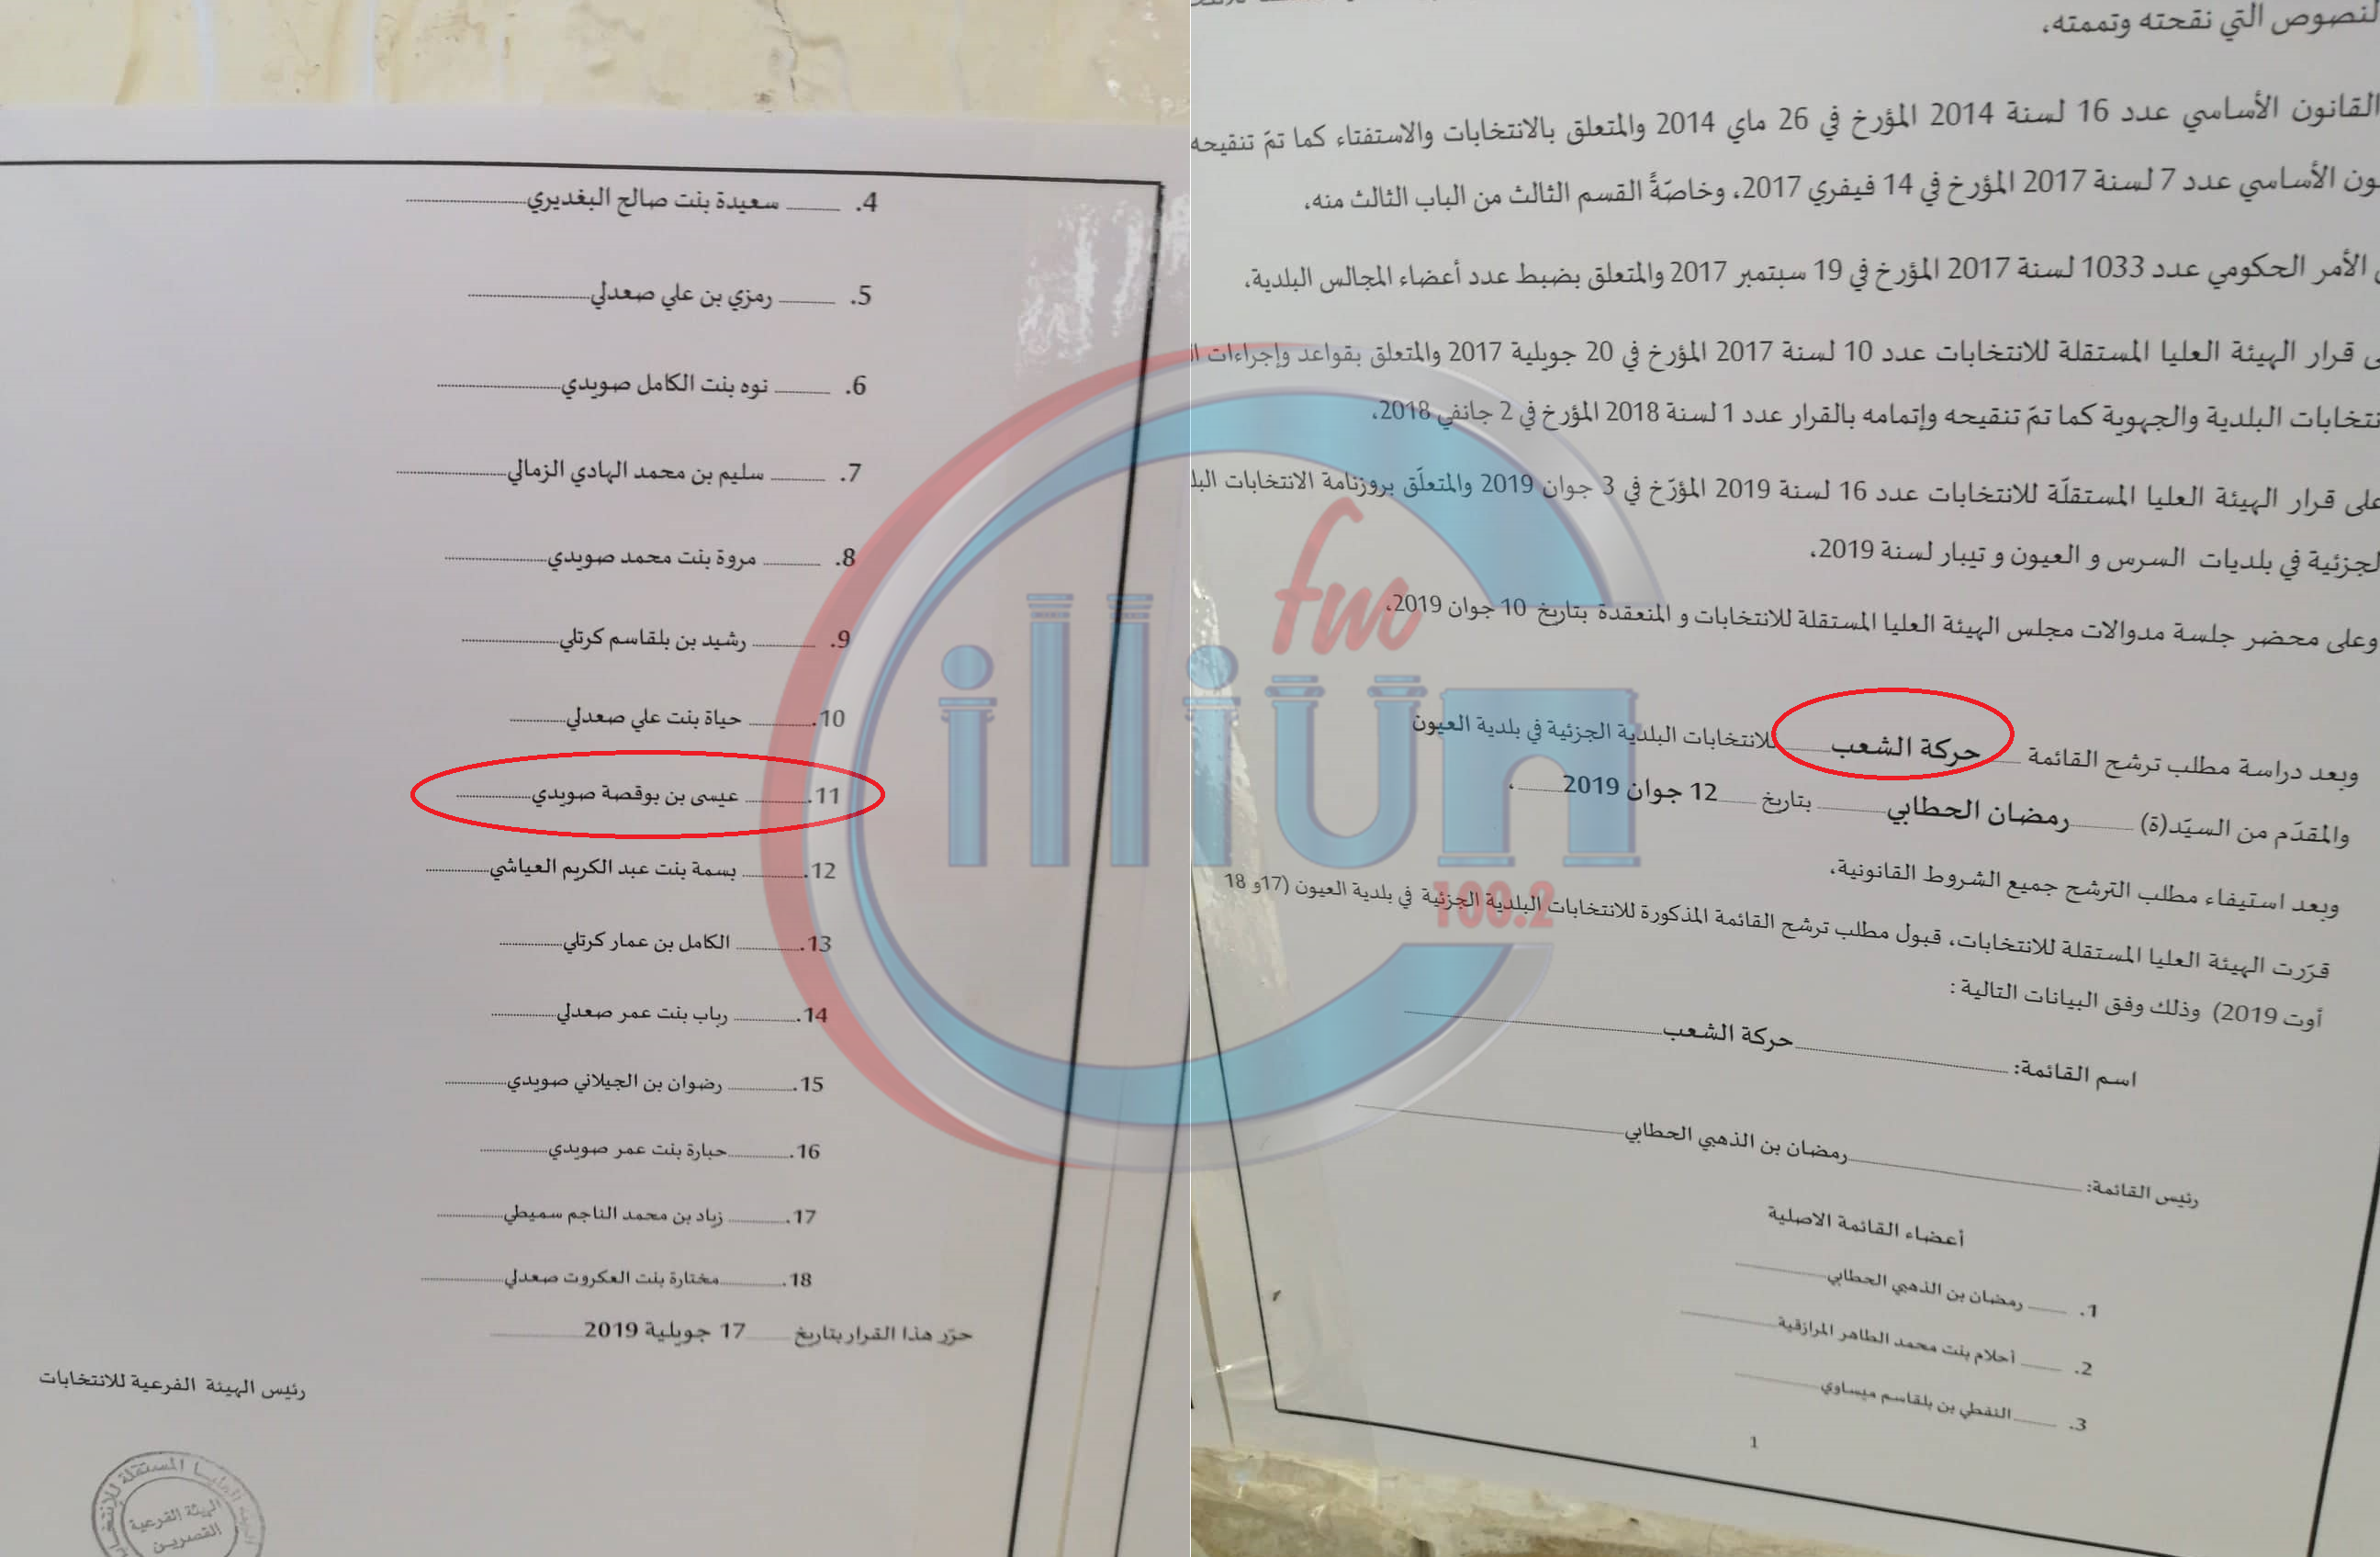 مهزلة انتخابية  : مواطن يترشح في قائمتين انتخابيتين بالعيون